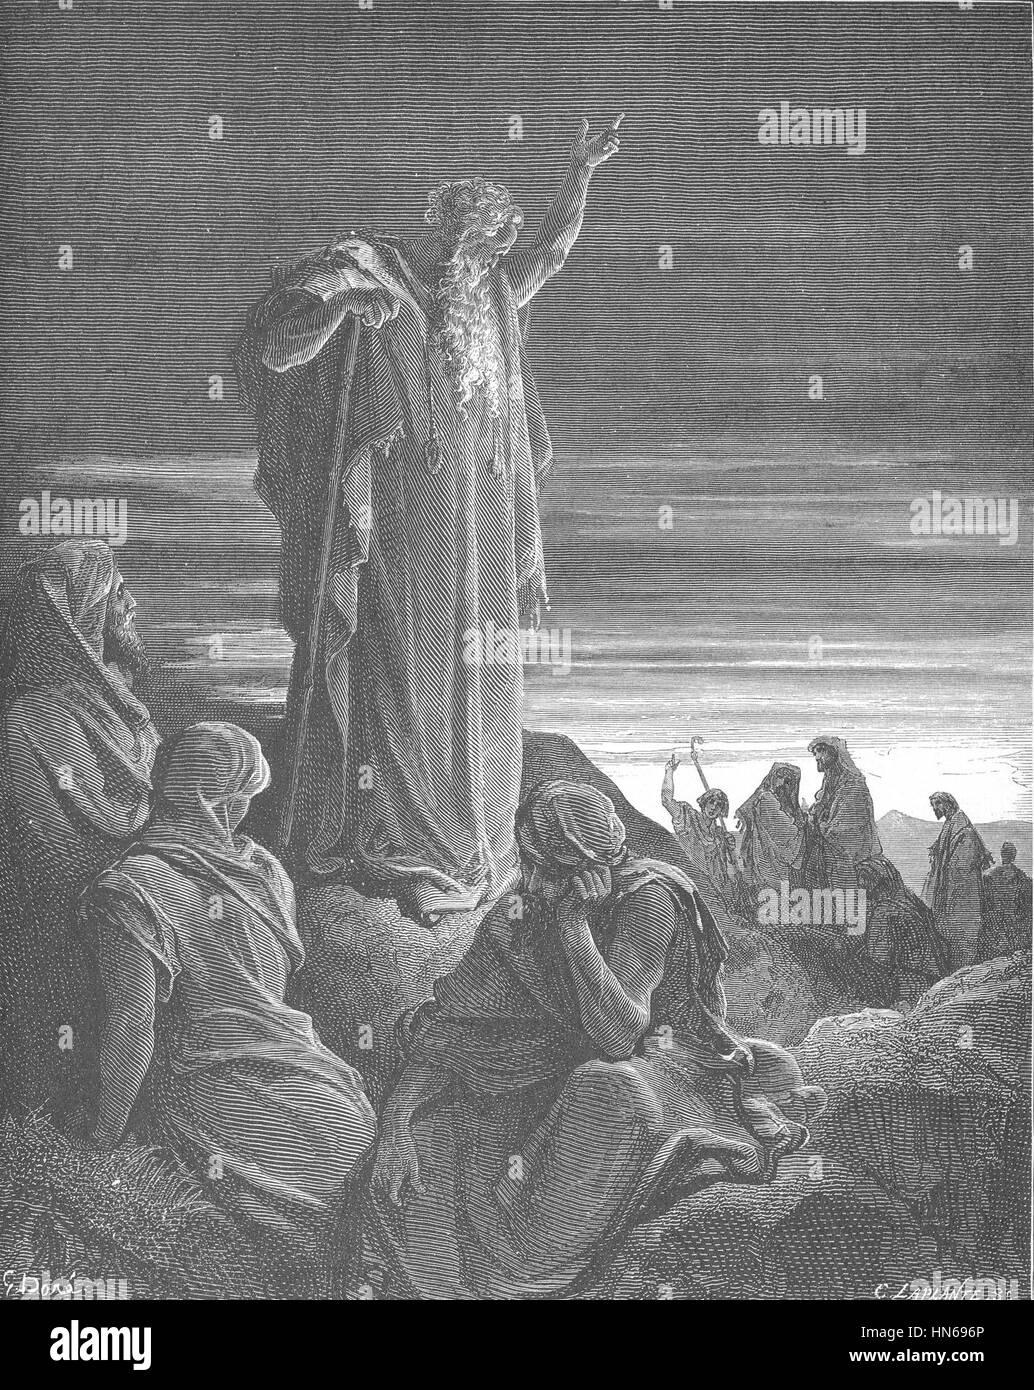 126.The Prophet Ezekiel - Stock Image